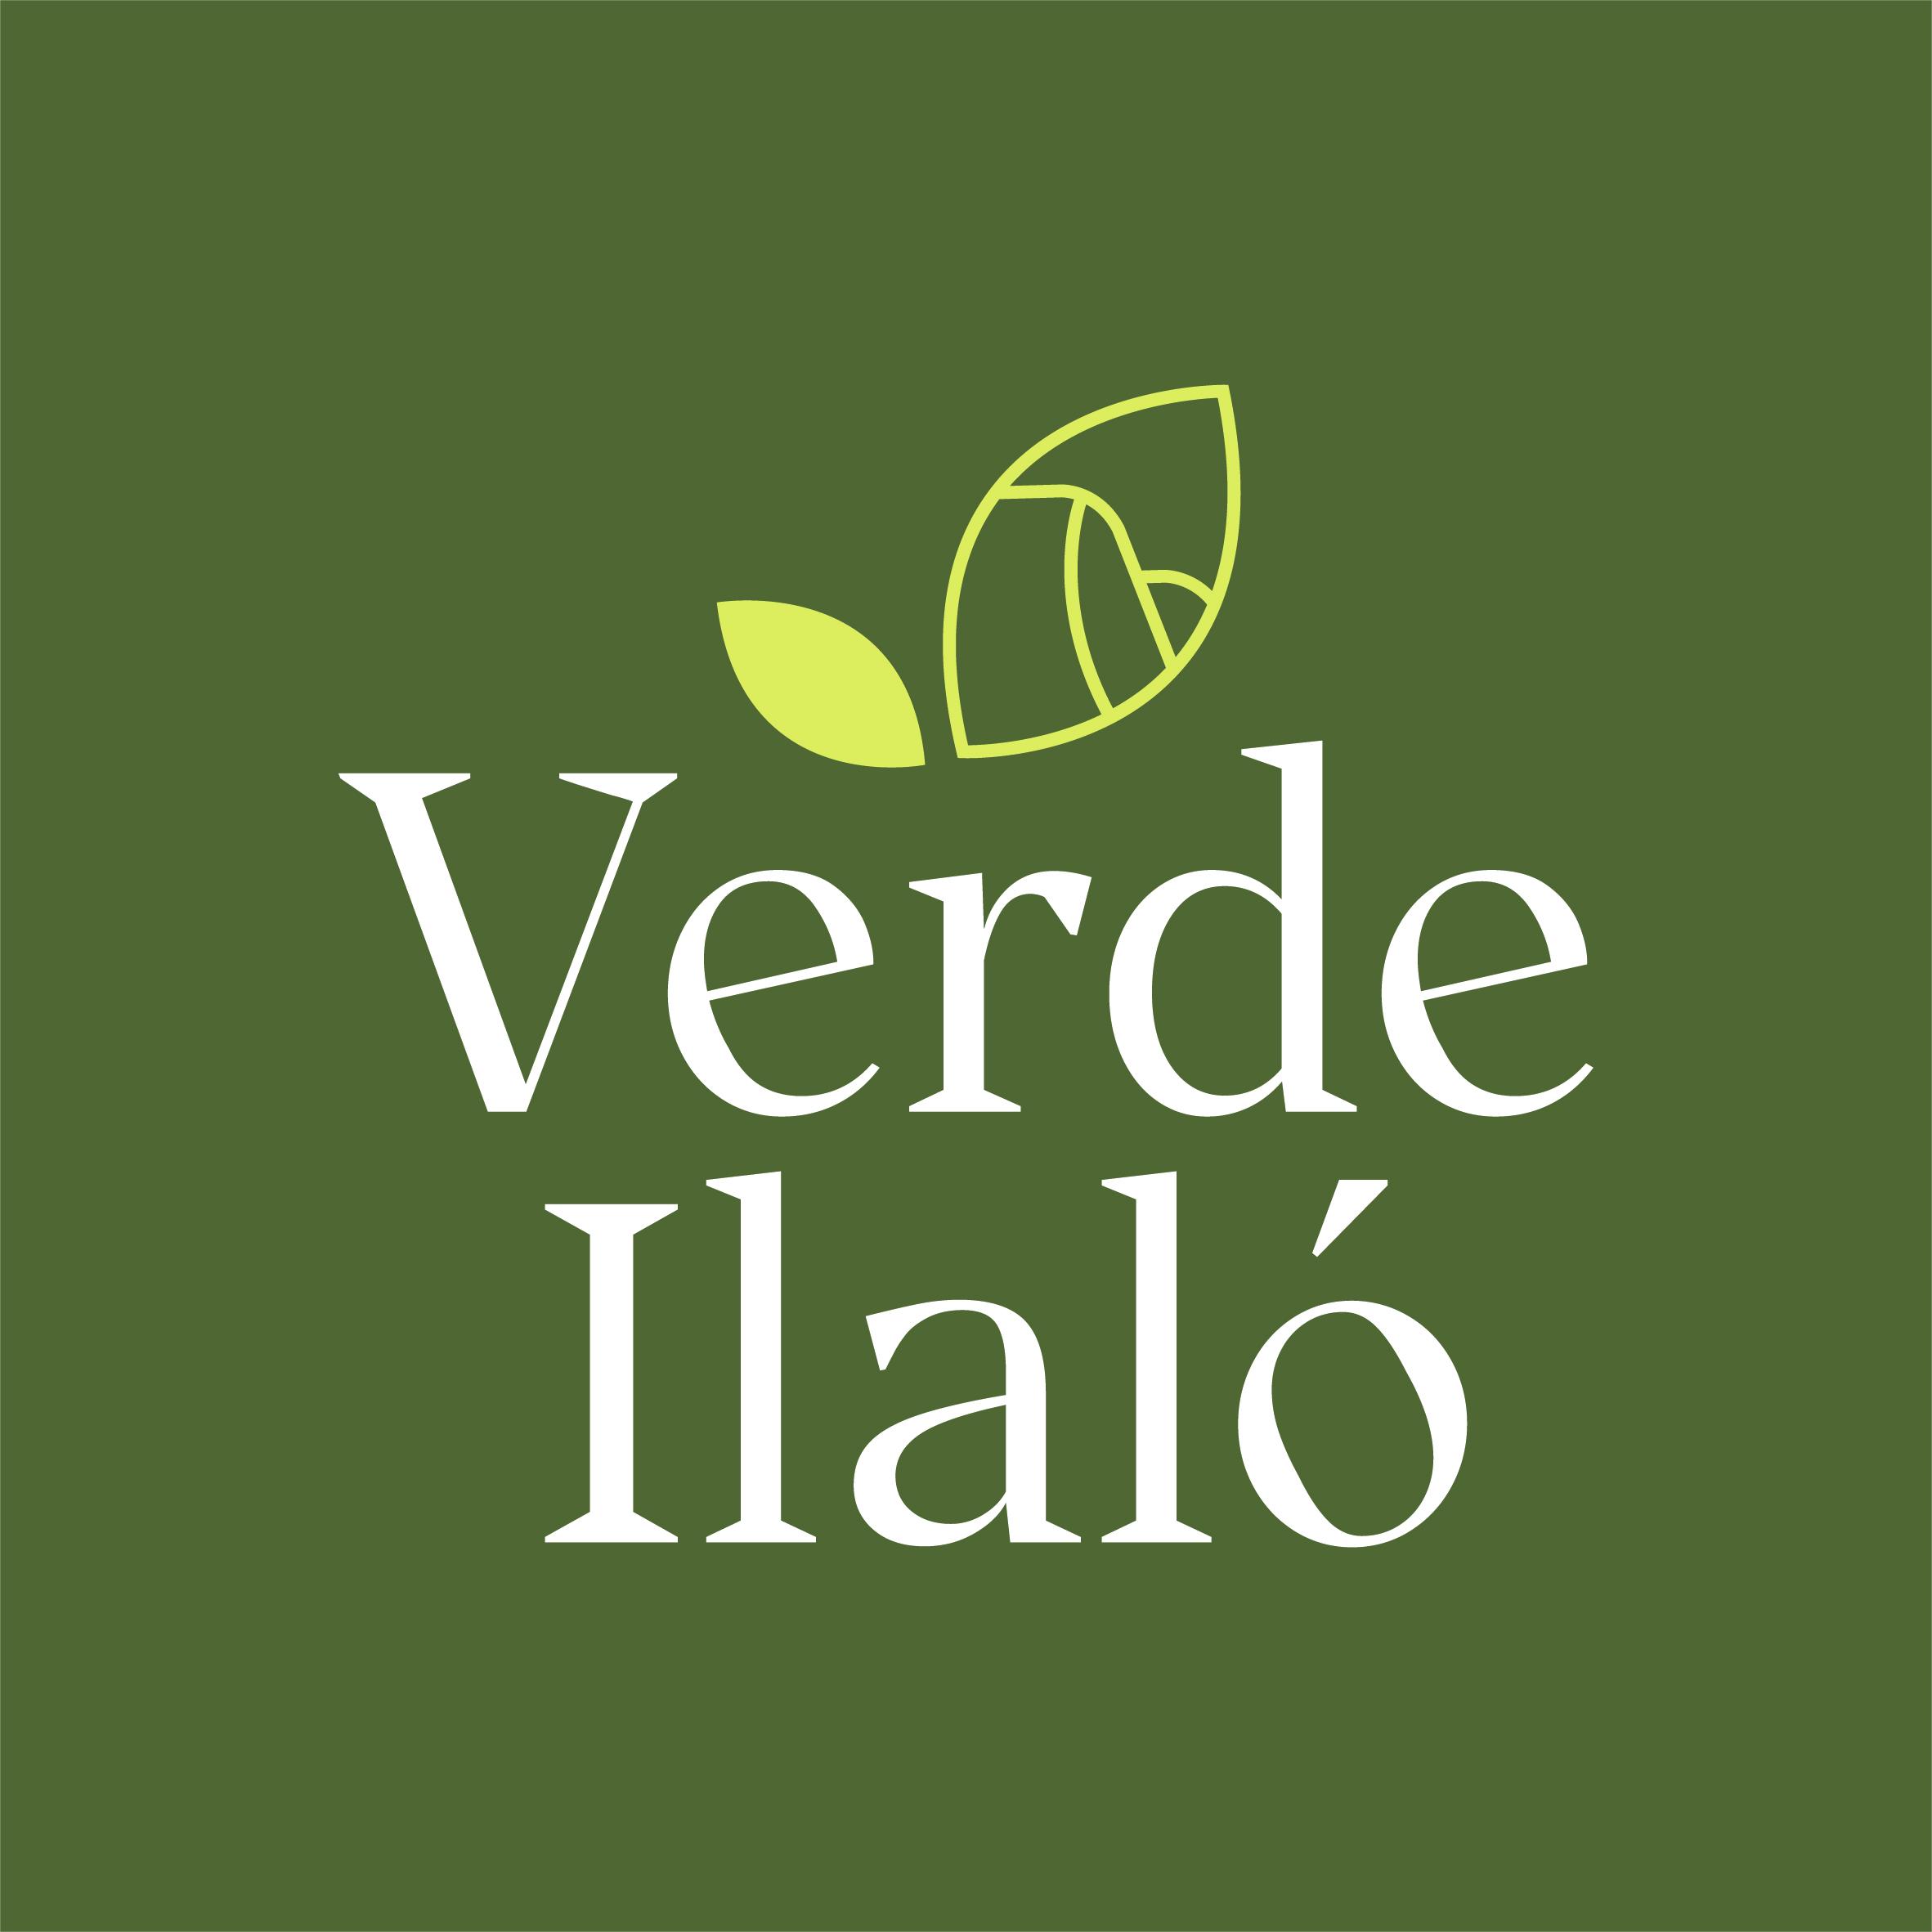 Verde Ilaló